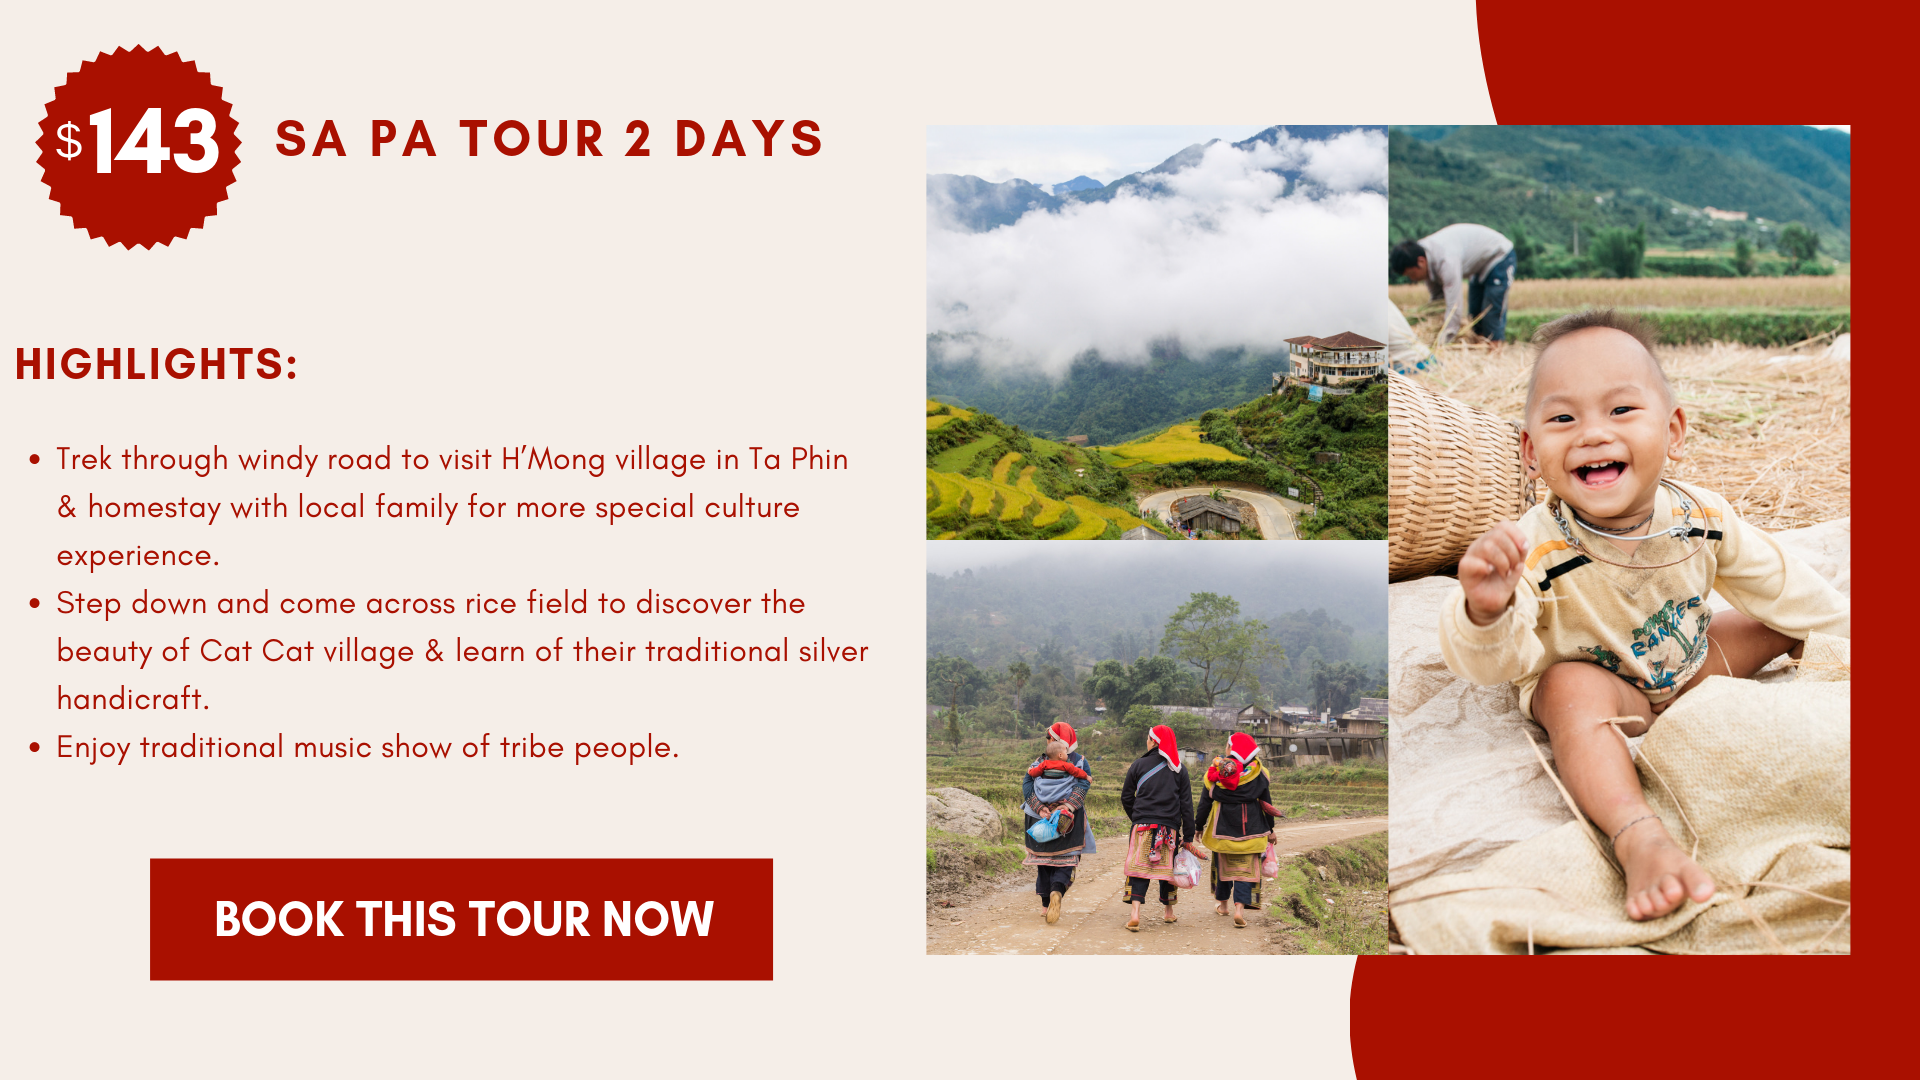 Tour Sapa 2 Day